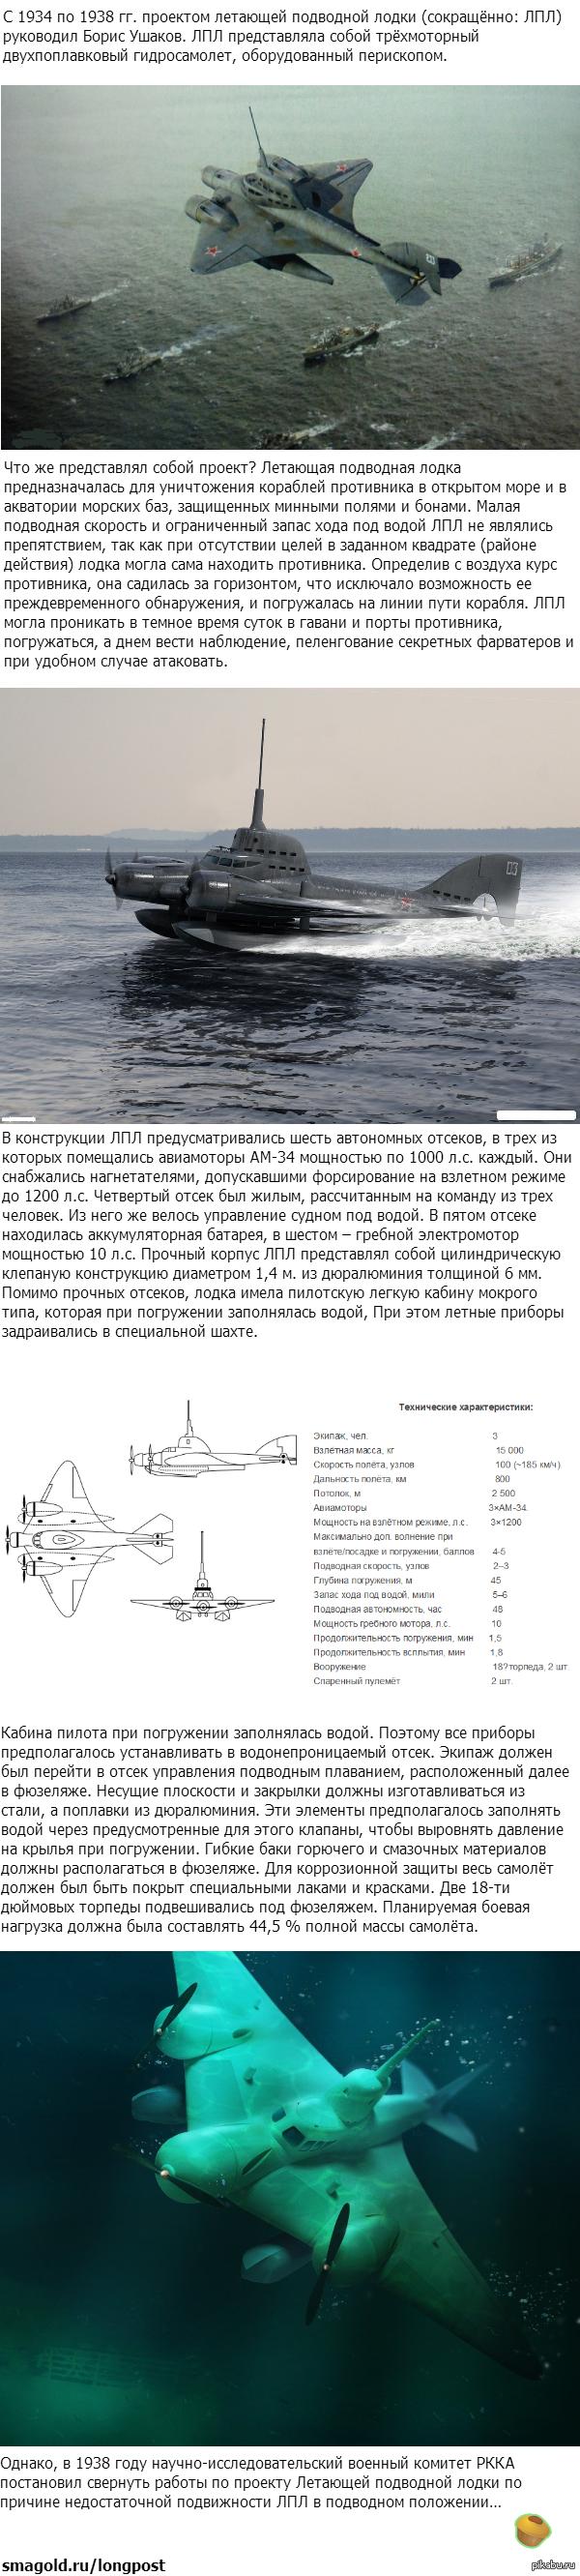 как управляется подводные лодки любом